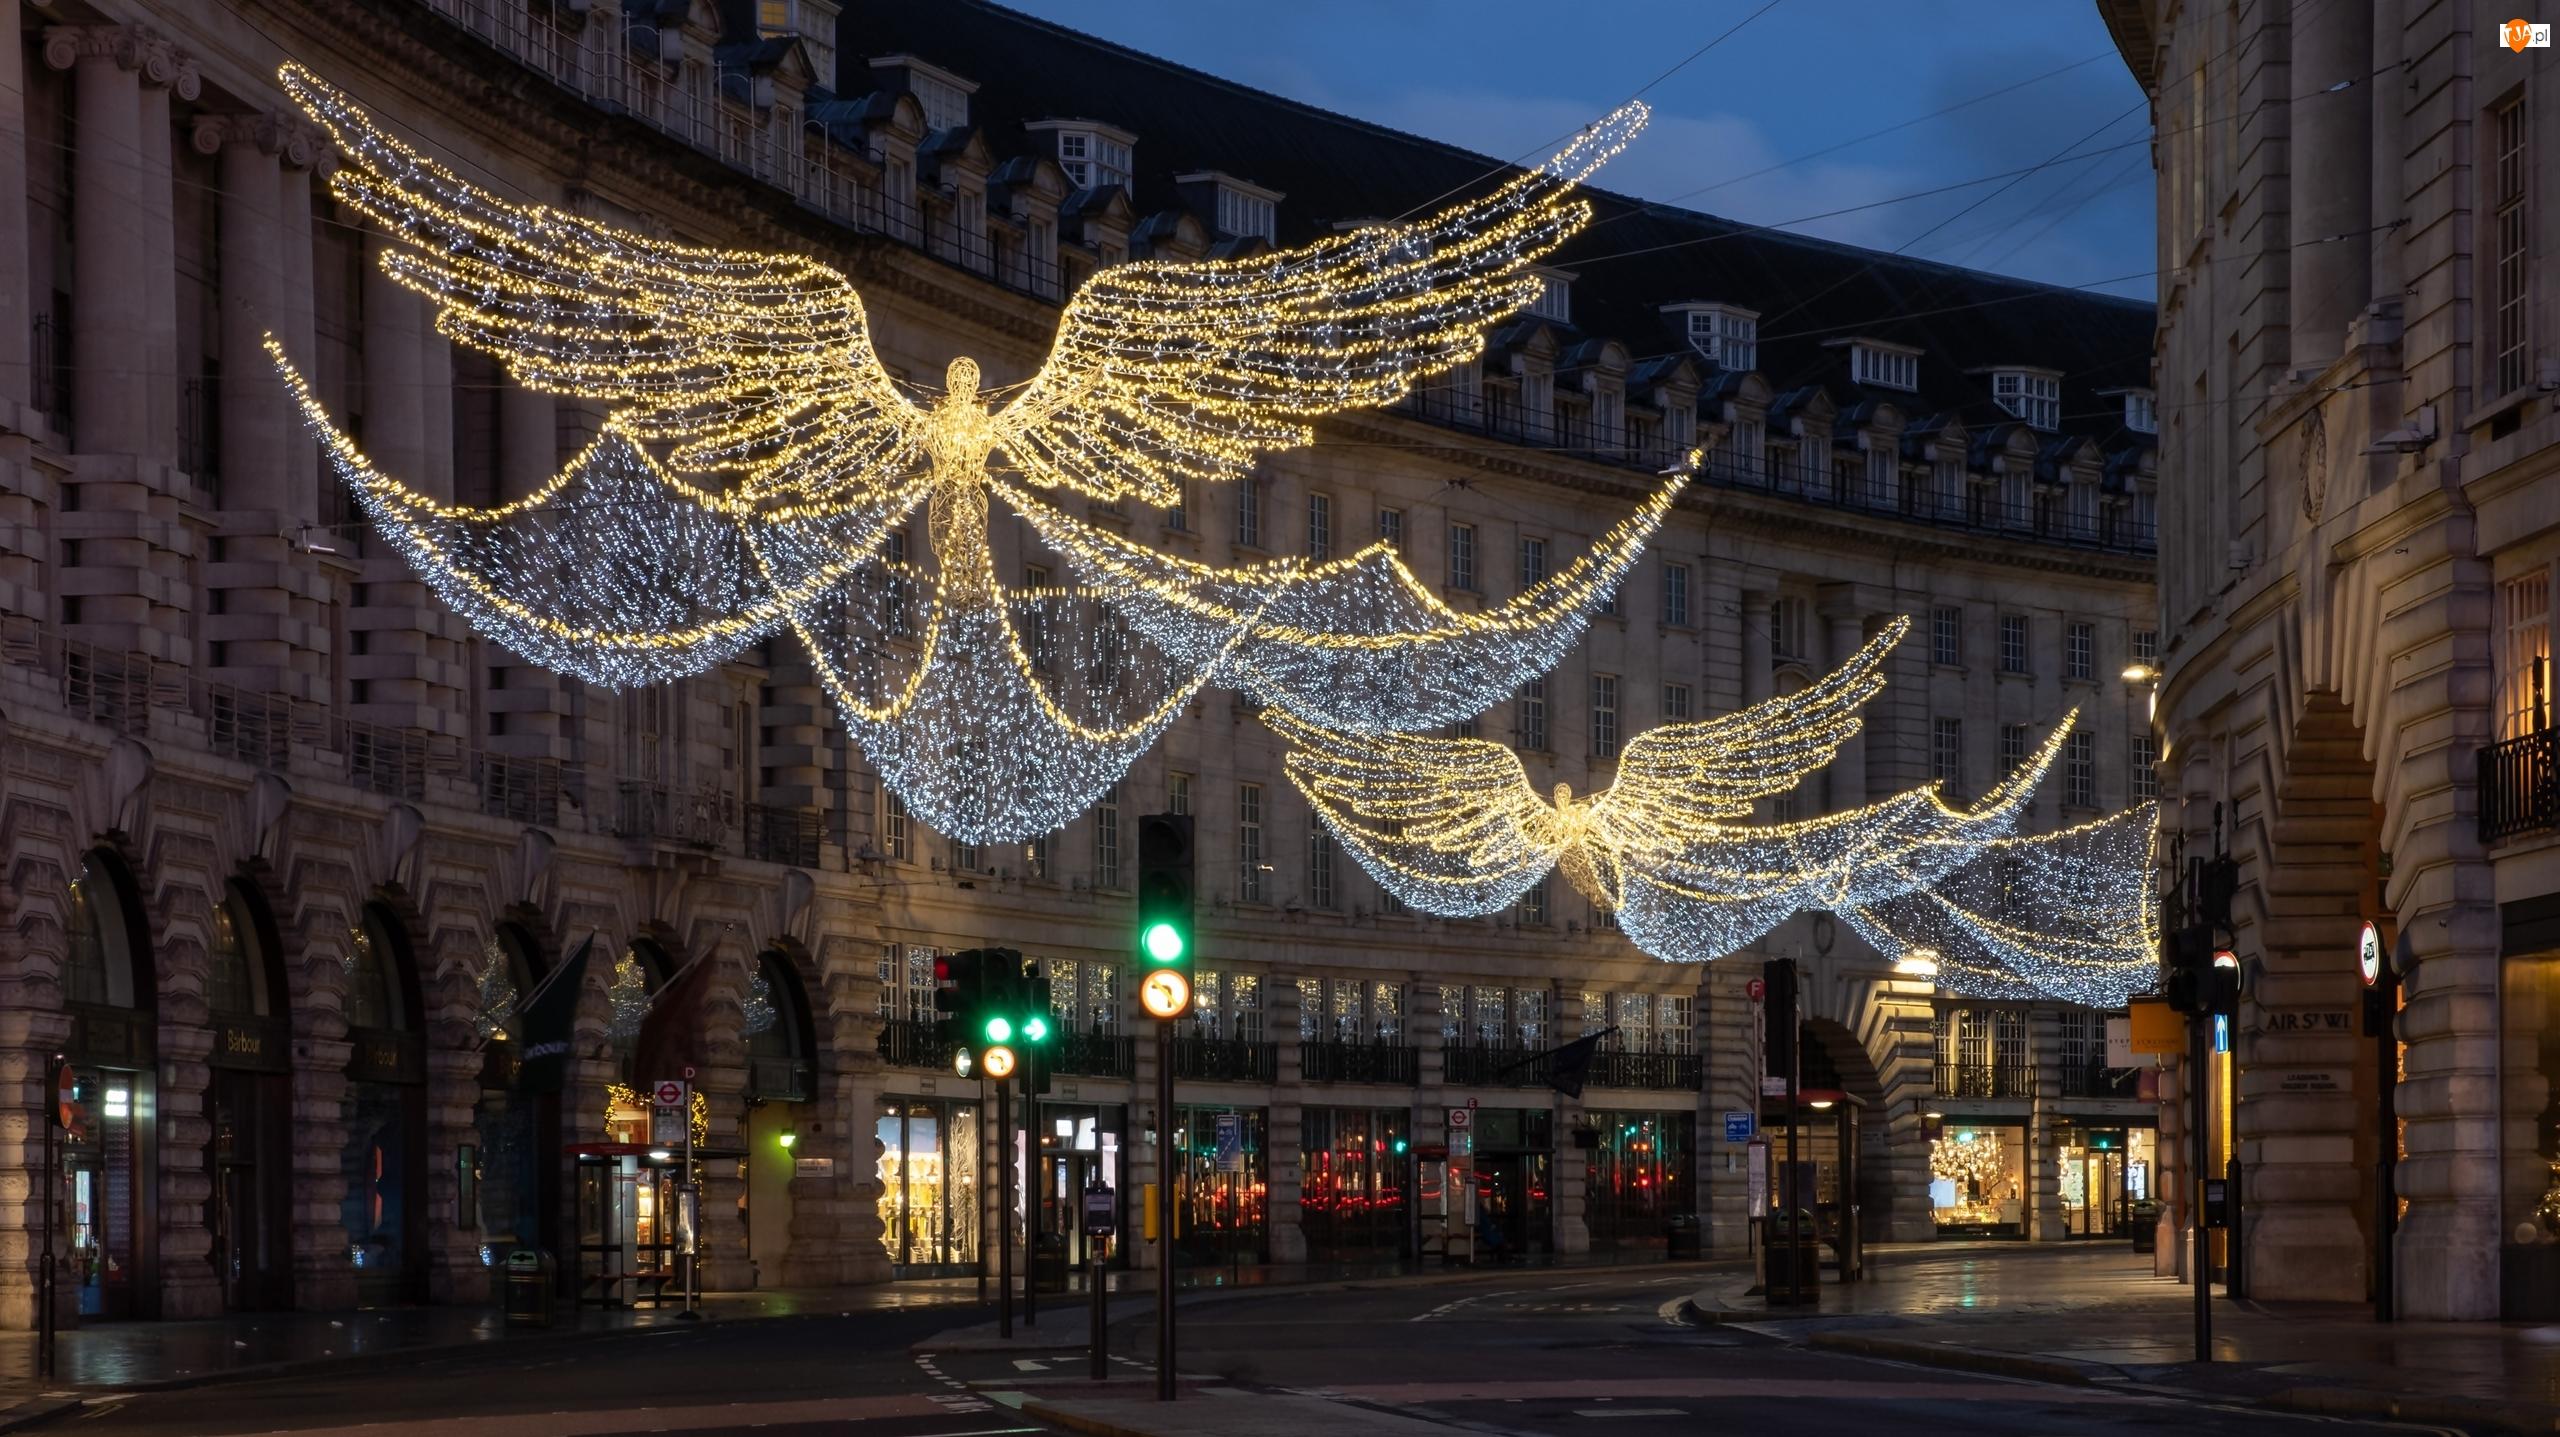 Ulica, Domy, Świąteczna, Noc, Dekoracja, Światełka